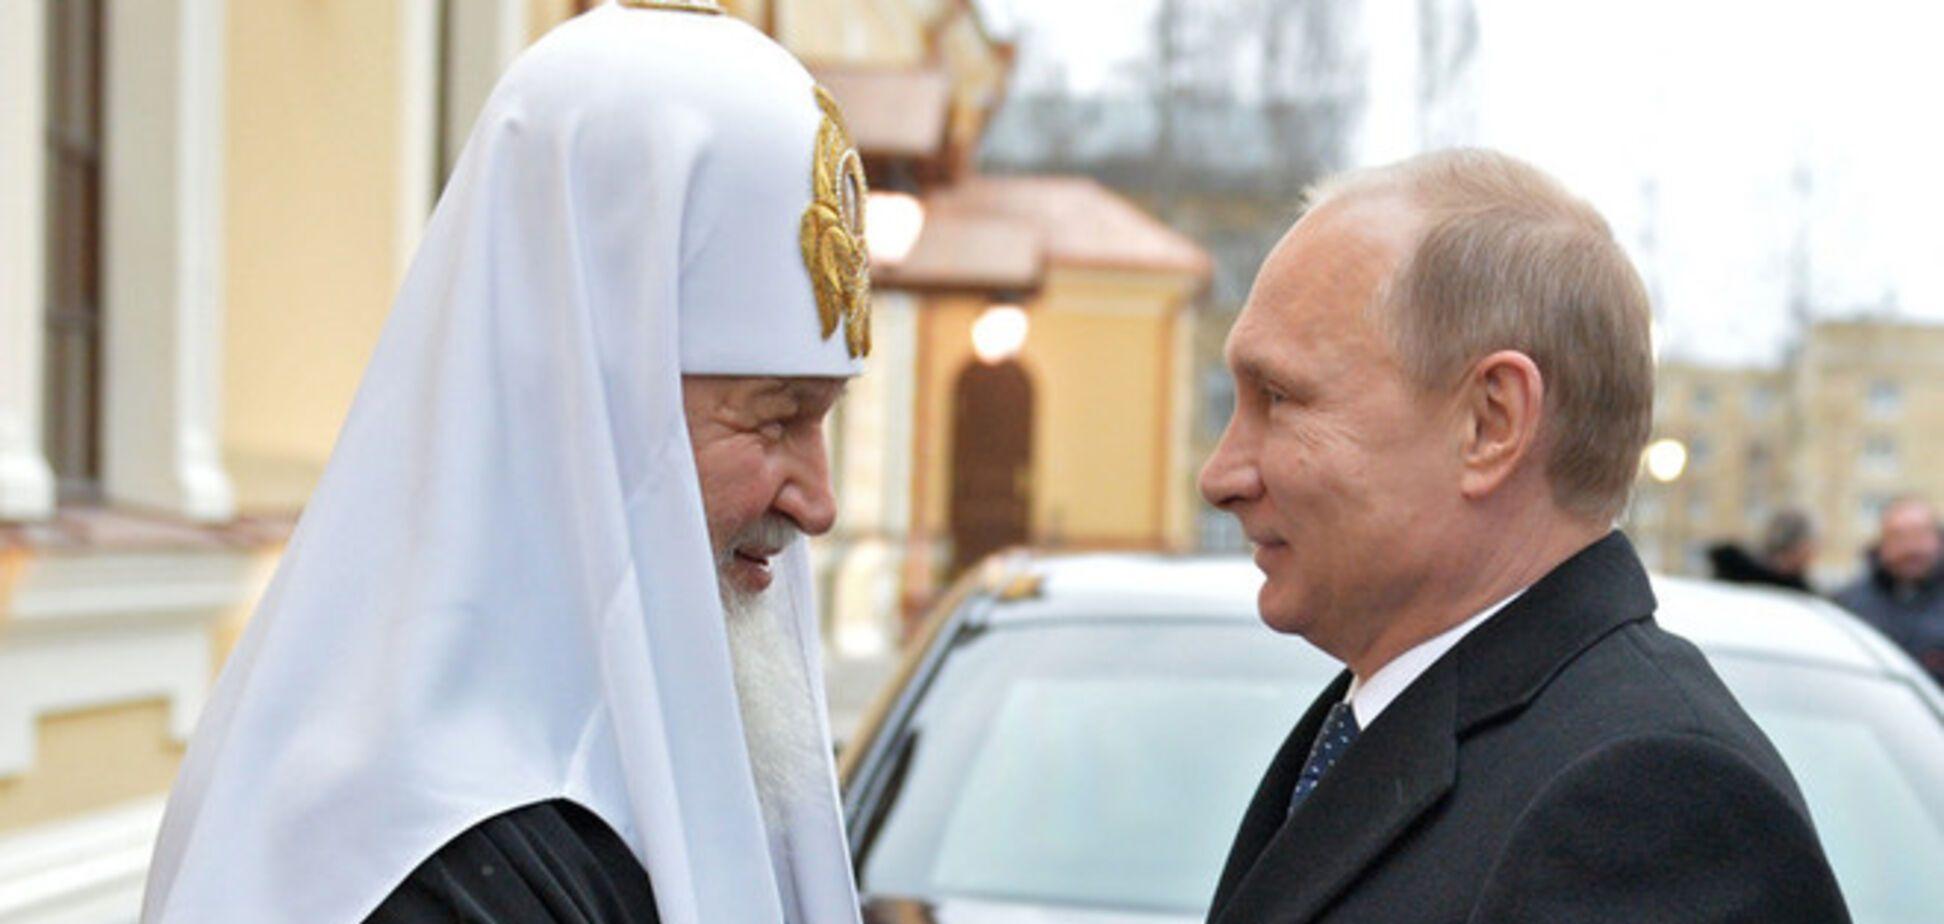 Глава РПЦ Кирилл предложил запретить аборты в России